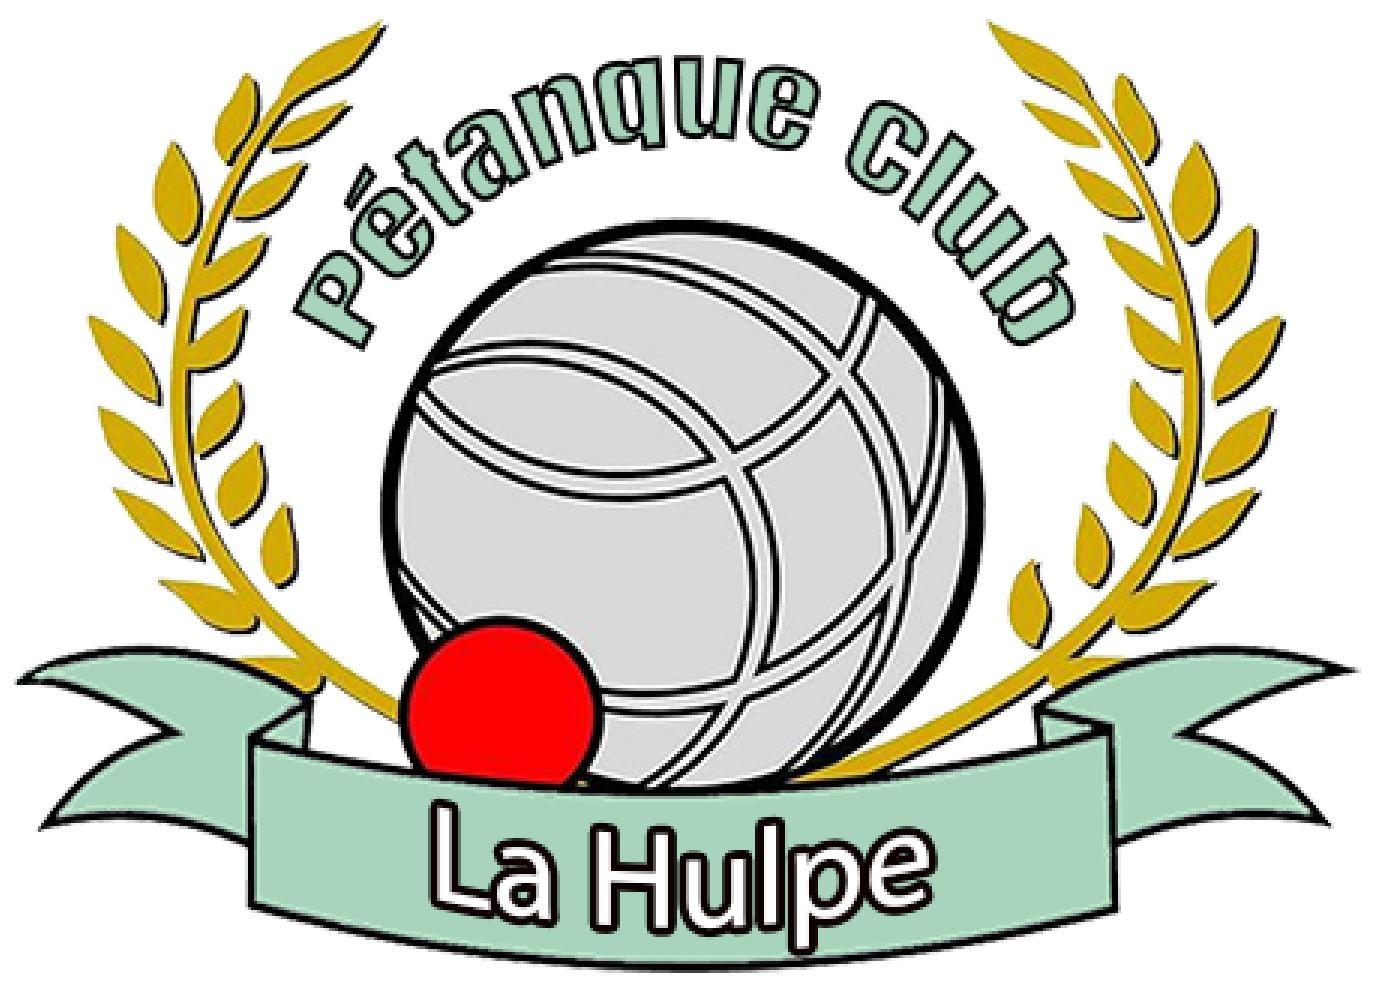 Pétanque Club La Hulpe ASBL